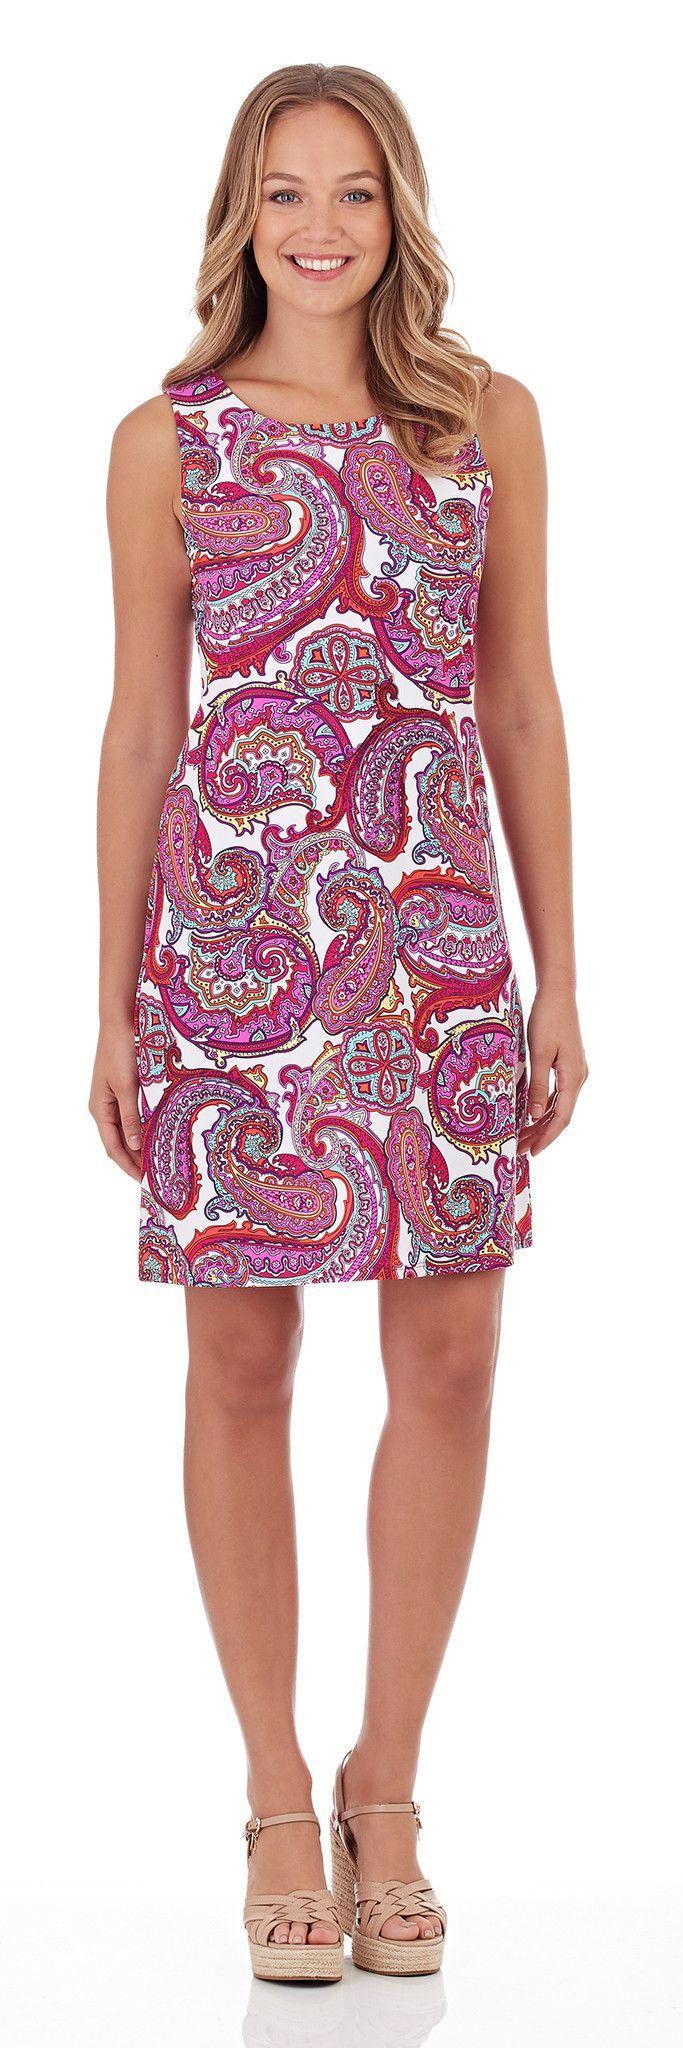 Jude Connally Beth Dress In Paradise Paisley Fuchsia